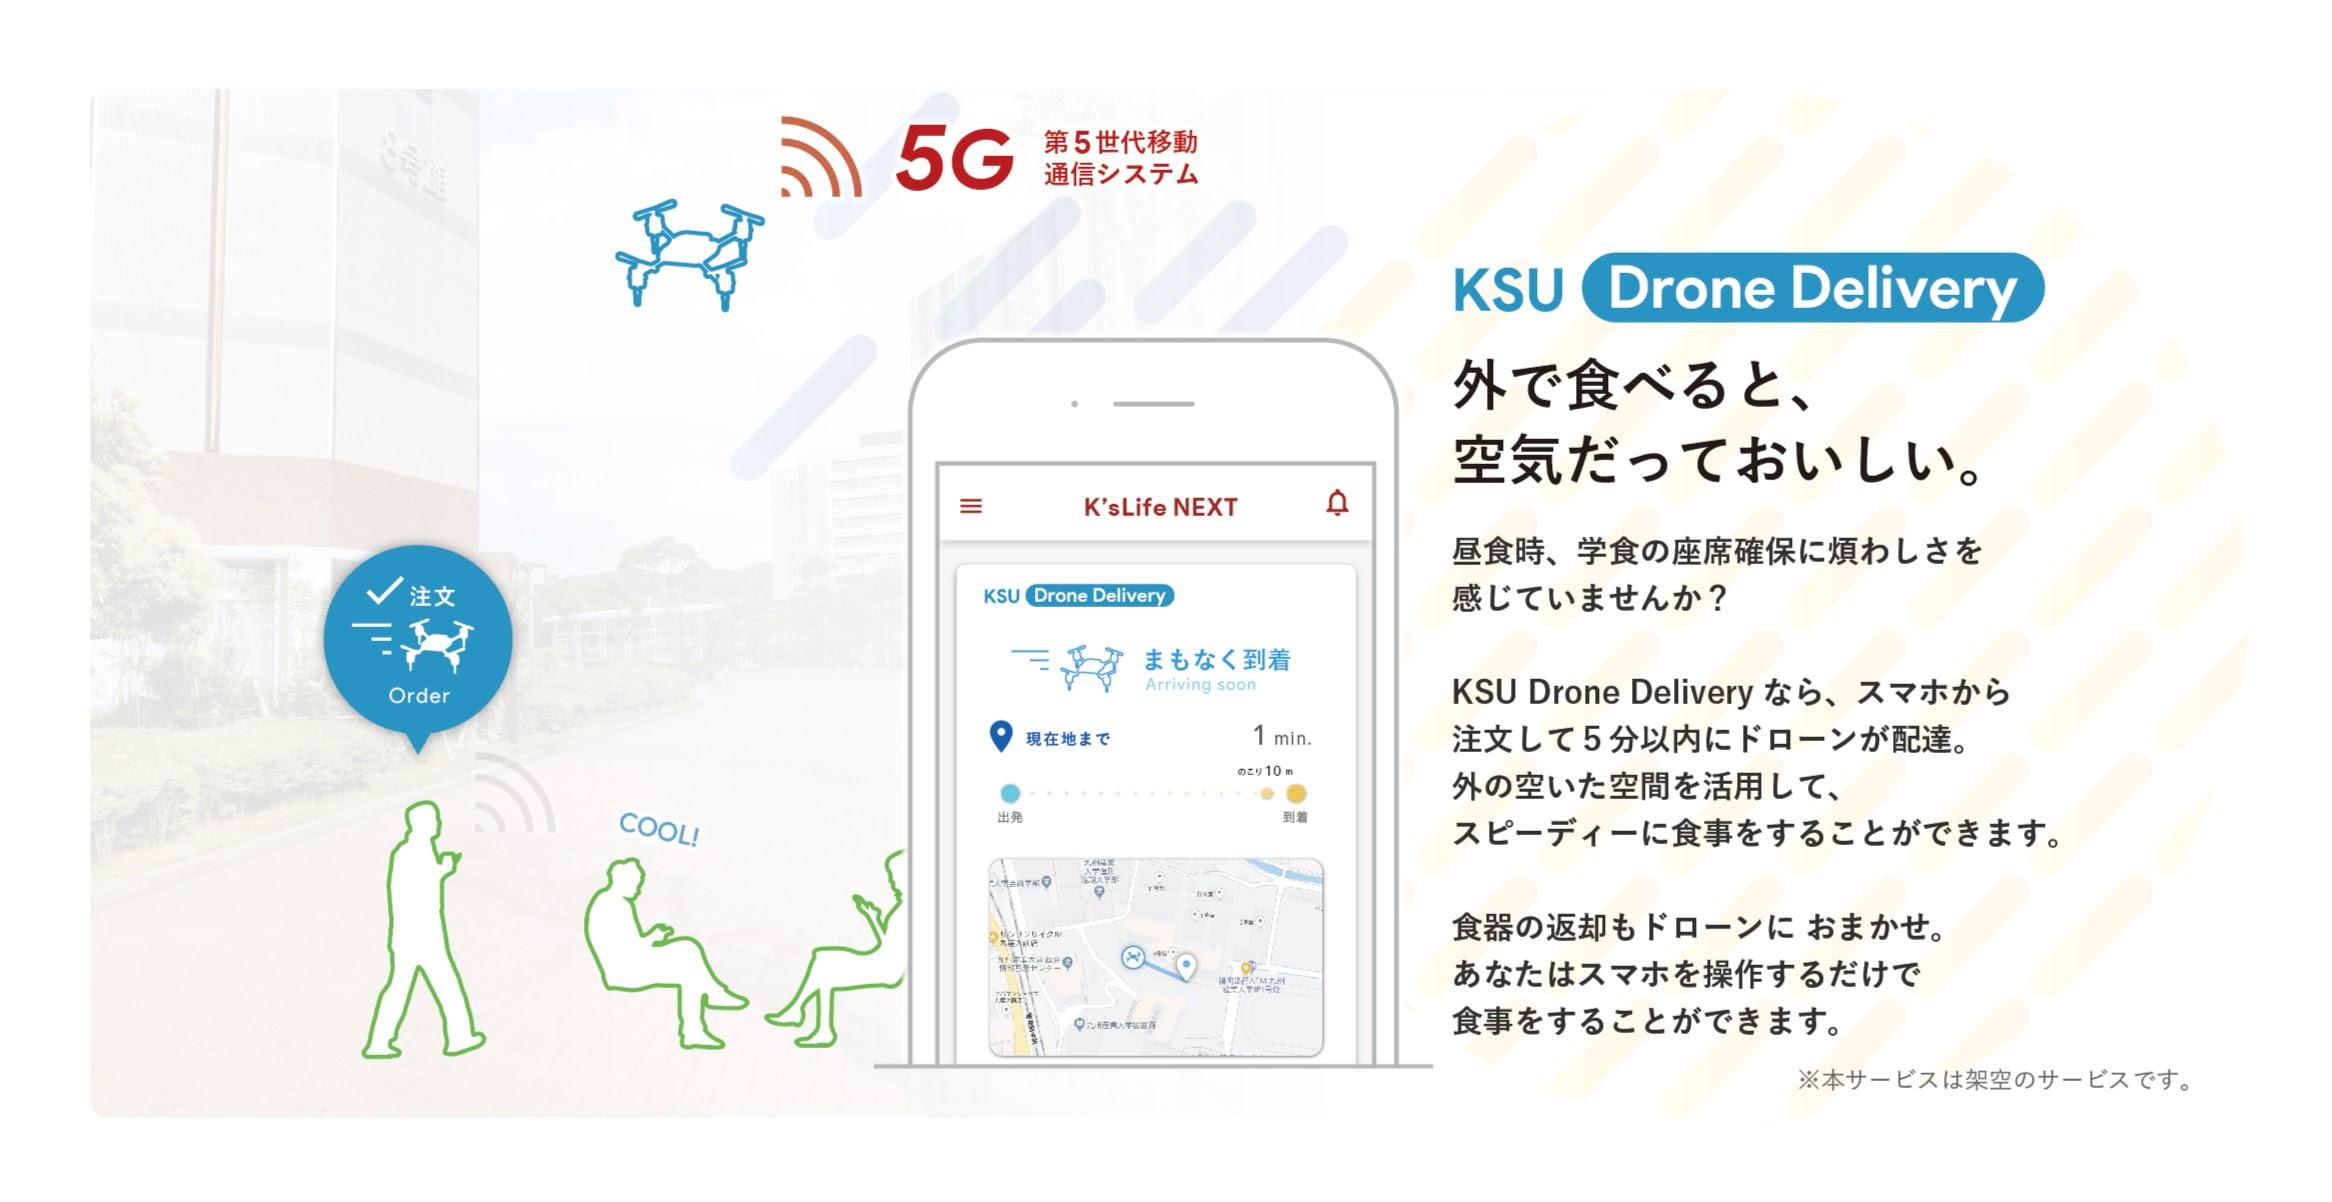 KSU_DD.jpg